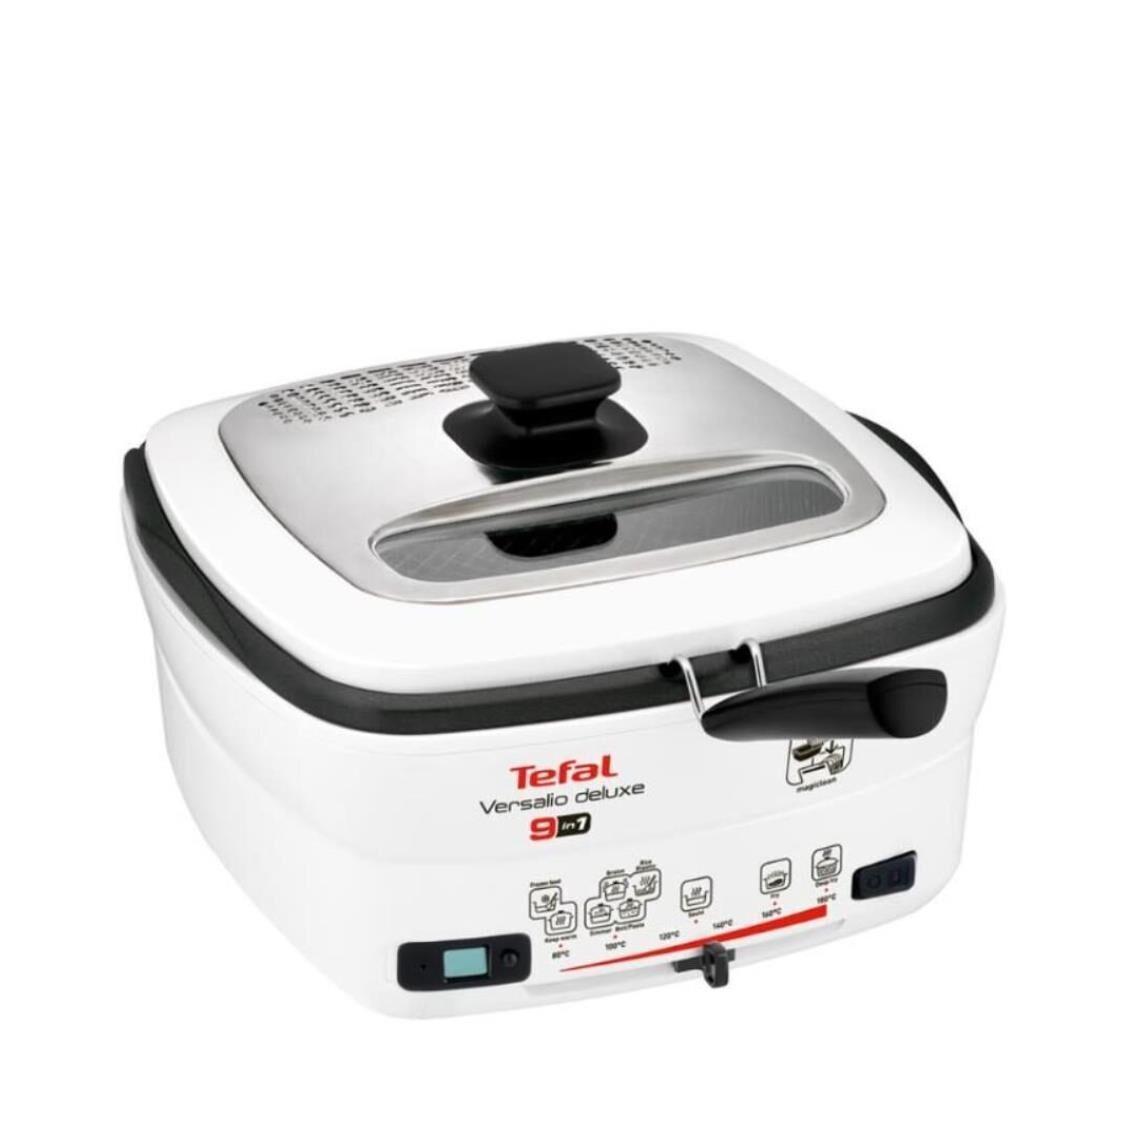 Tefal Versalio Deluxe 9-in-1 Multicooker Fryer FR4950